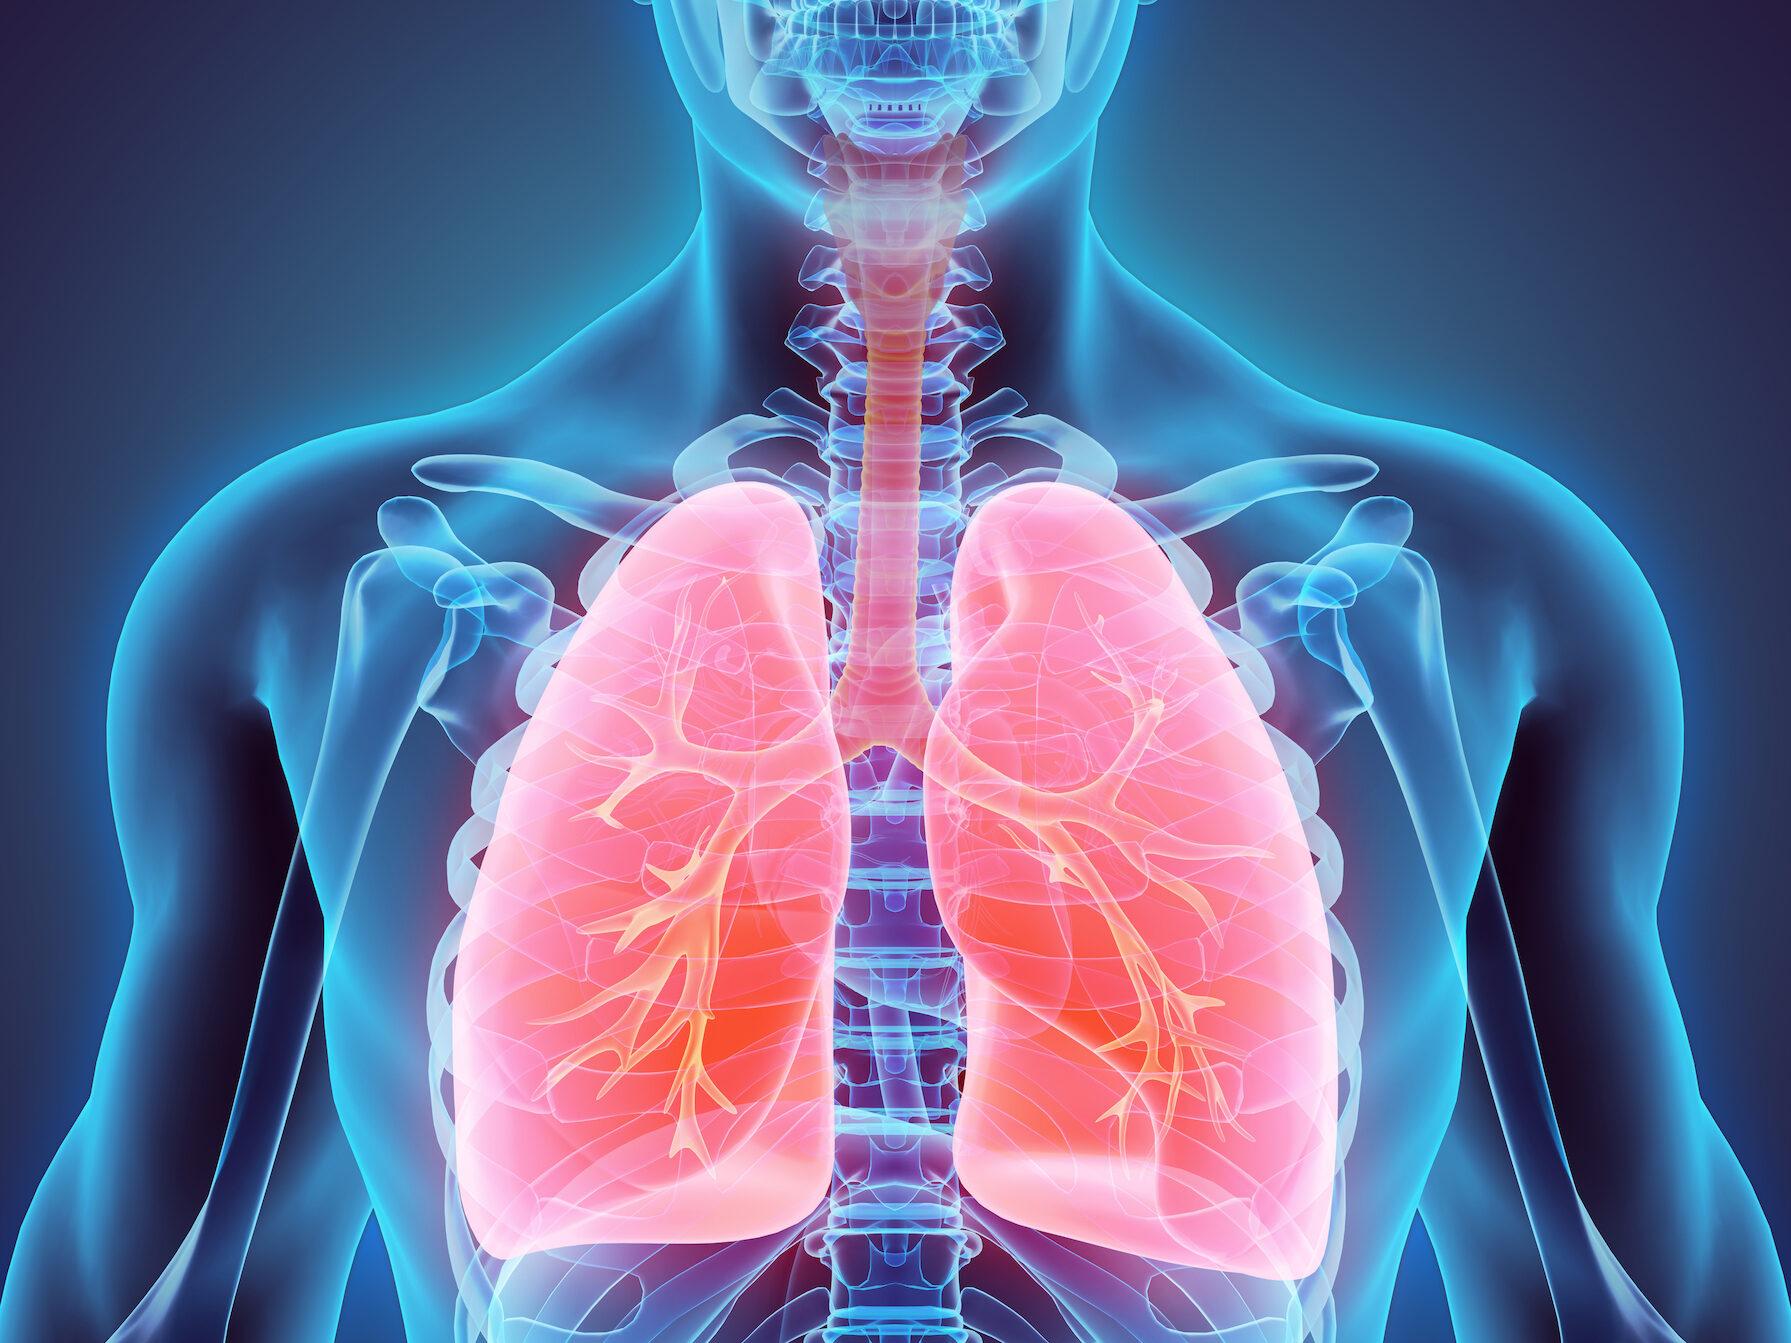 Nehézlégzés és légszomj | BENU Gyógyszertárak - A légzés orvosságokat okoz